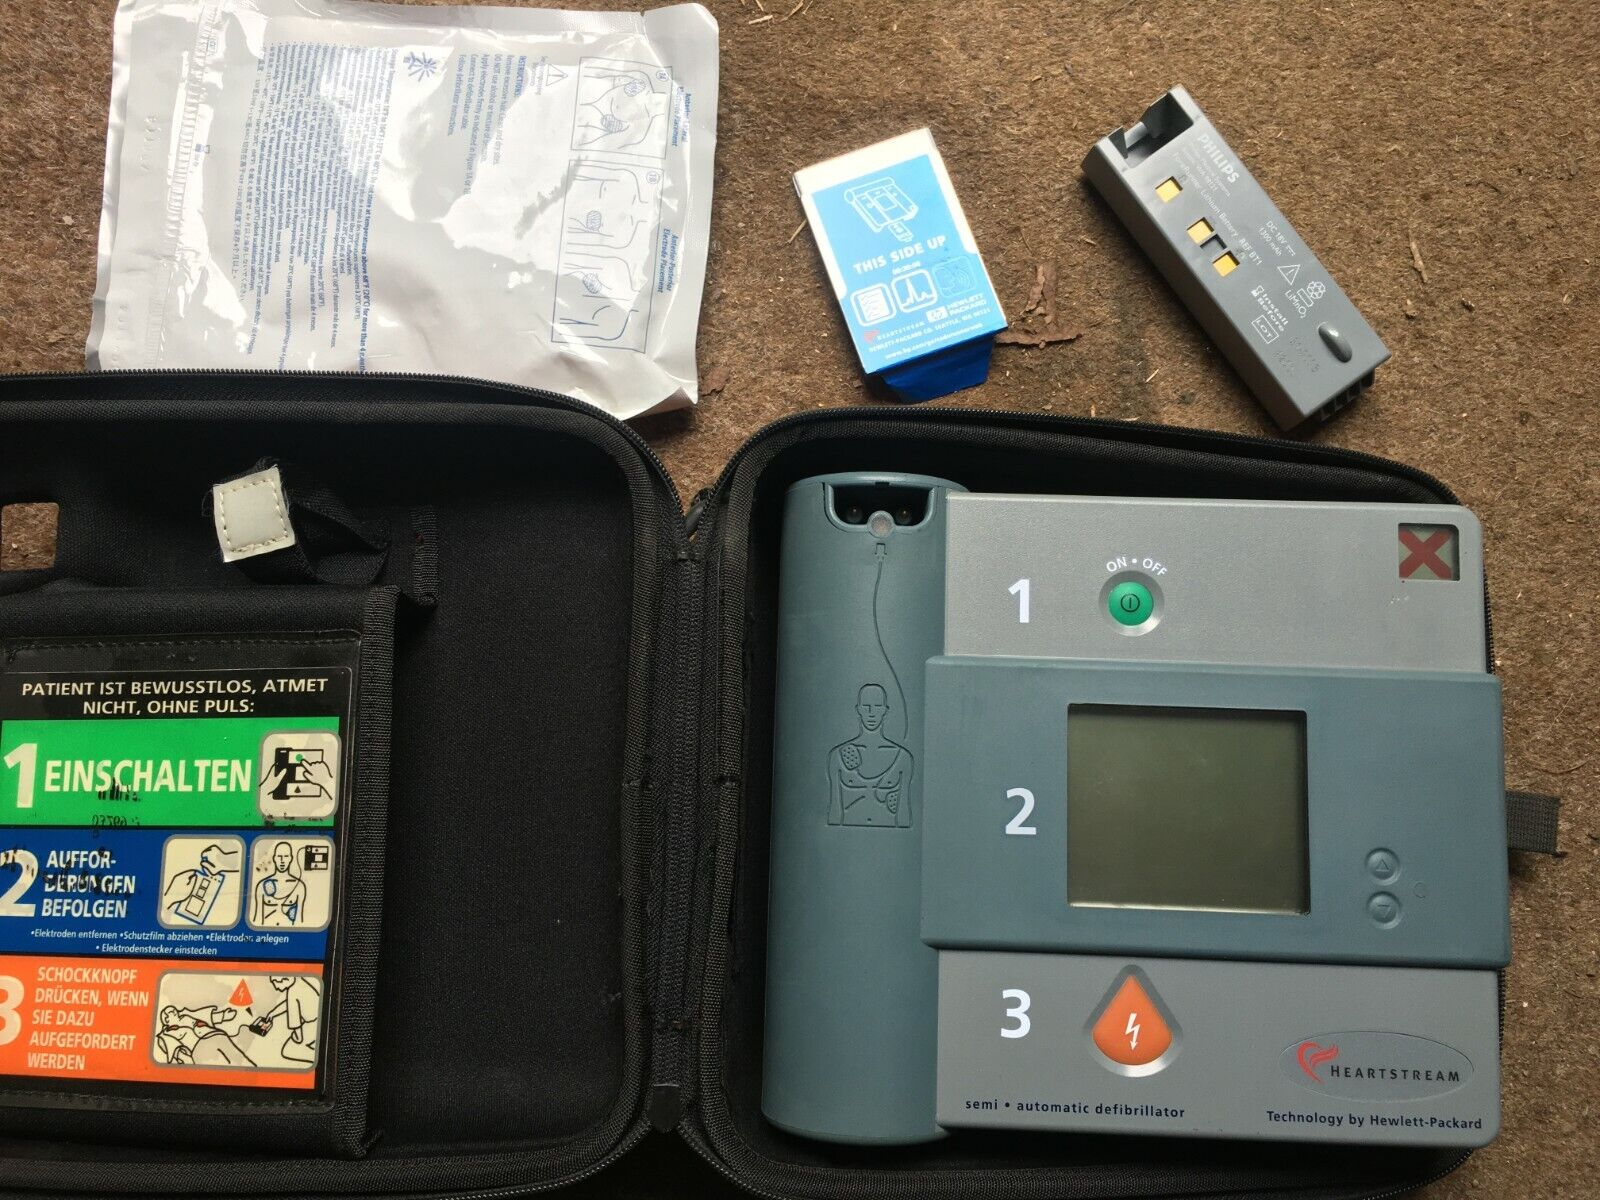 Philips Heartstart FR2 + Aed Defibrillator mit Tasche und pads, Akku leer